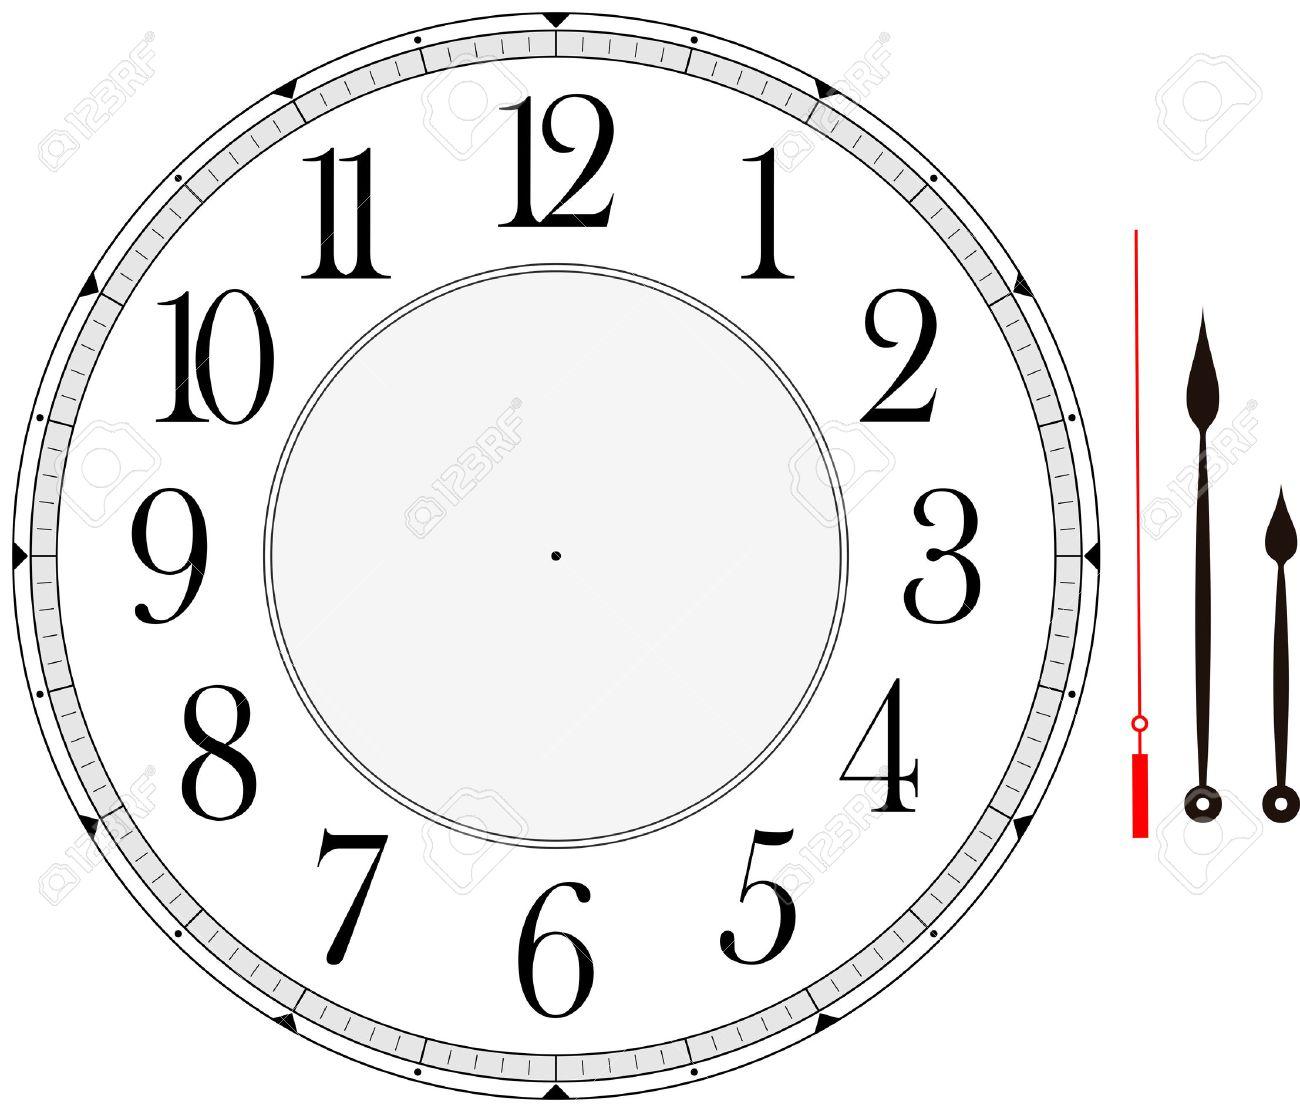 Zifferblatt Vorlage Mit Stunden-, Minuten- Und Sekundenzeiger, Um ...